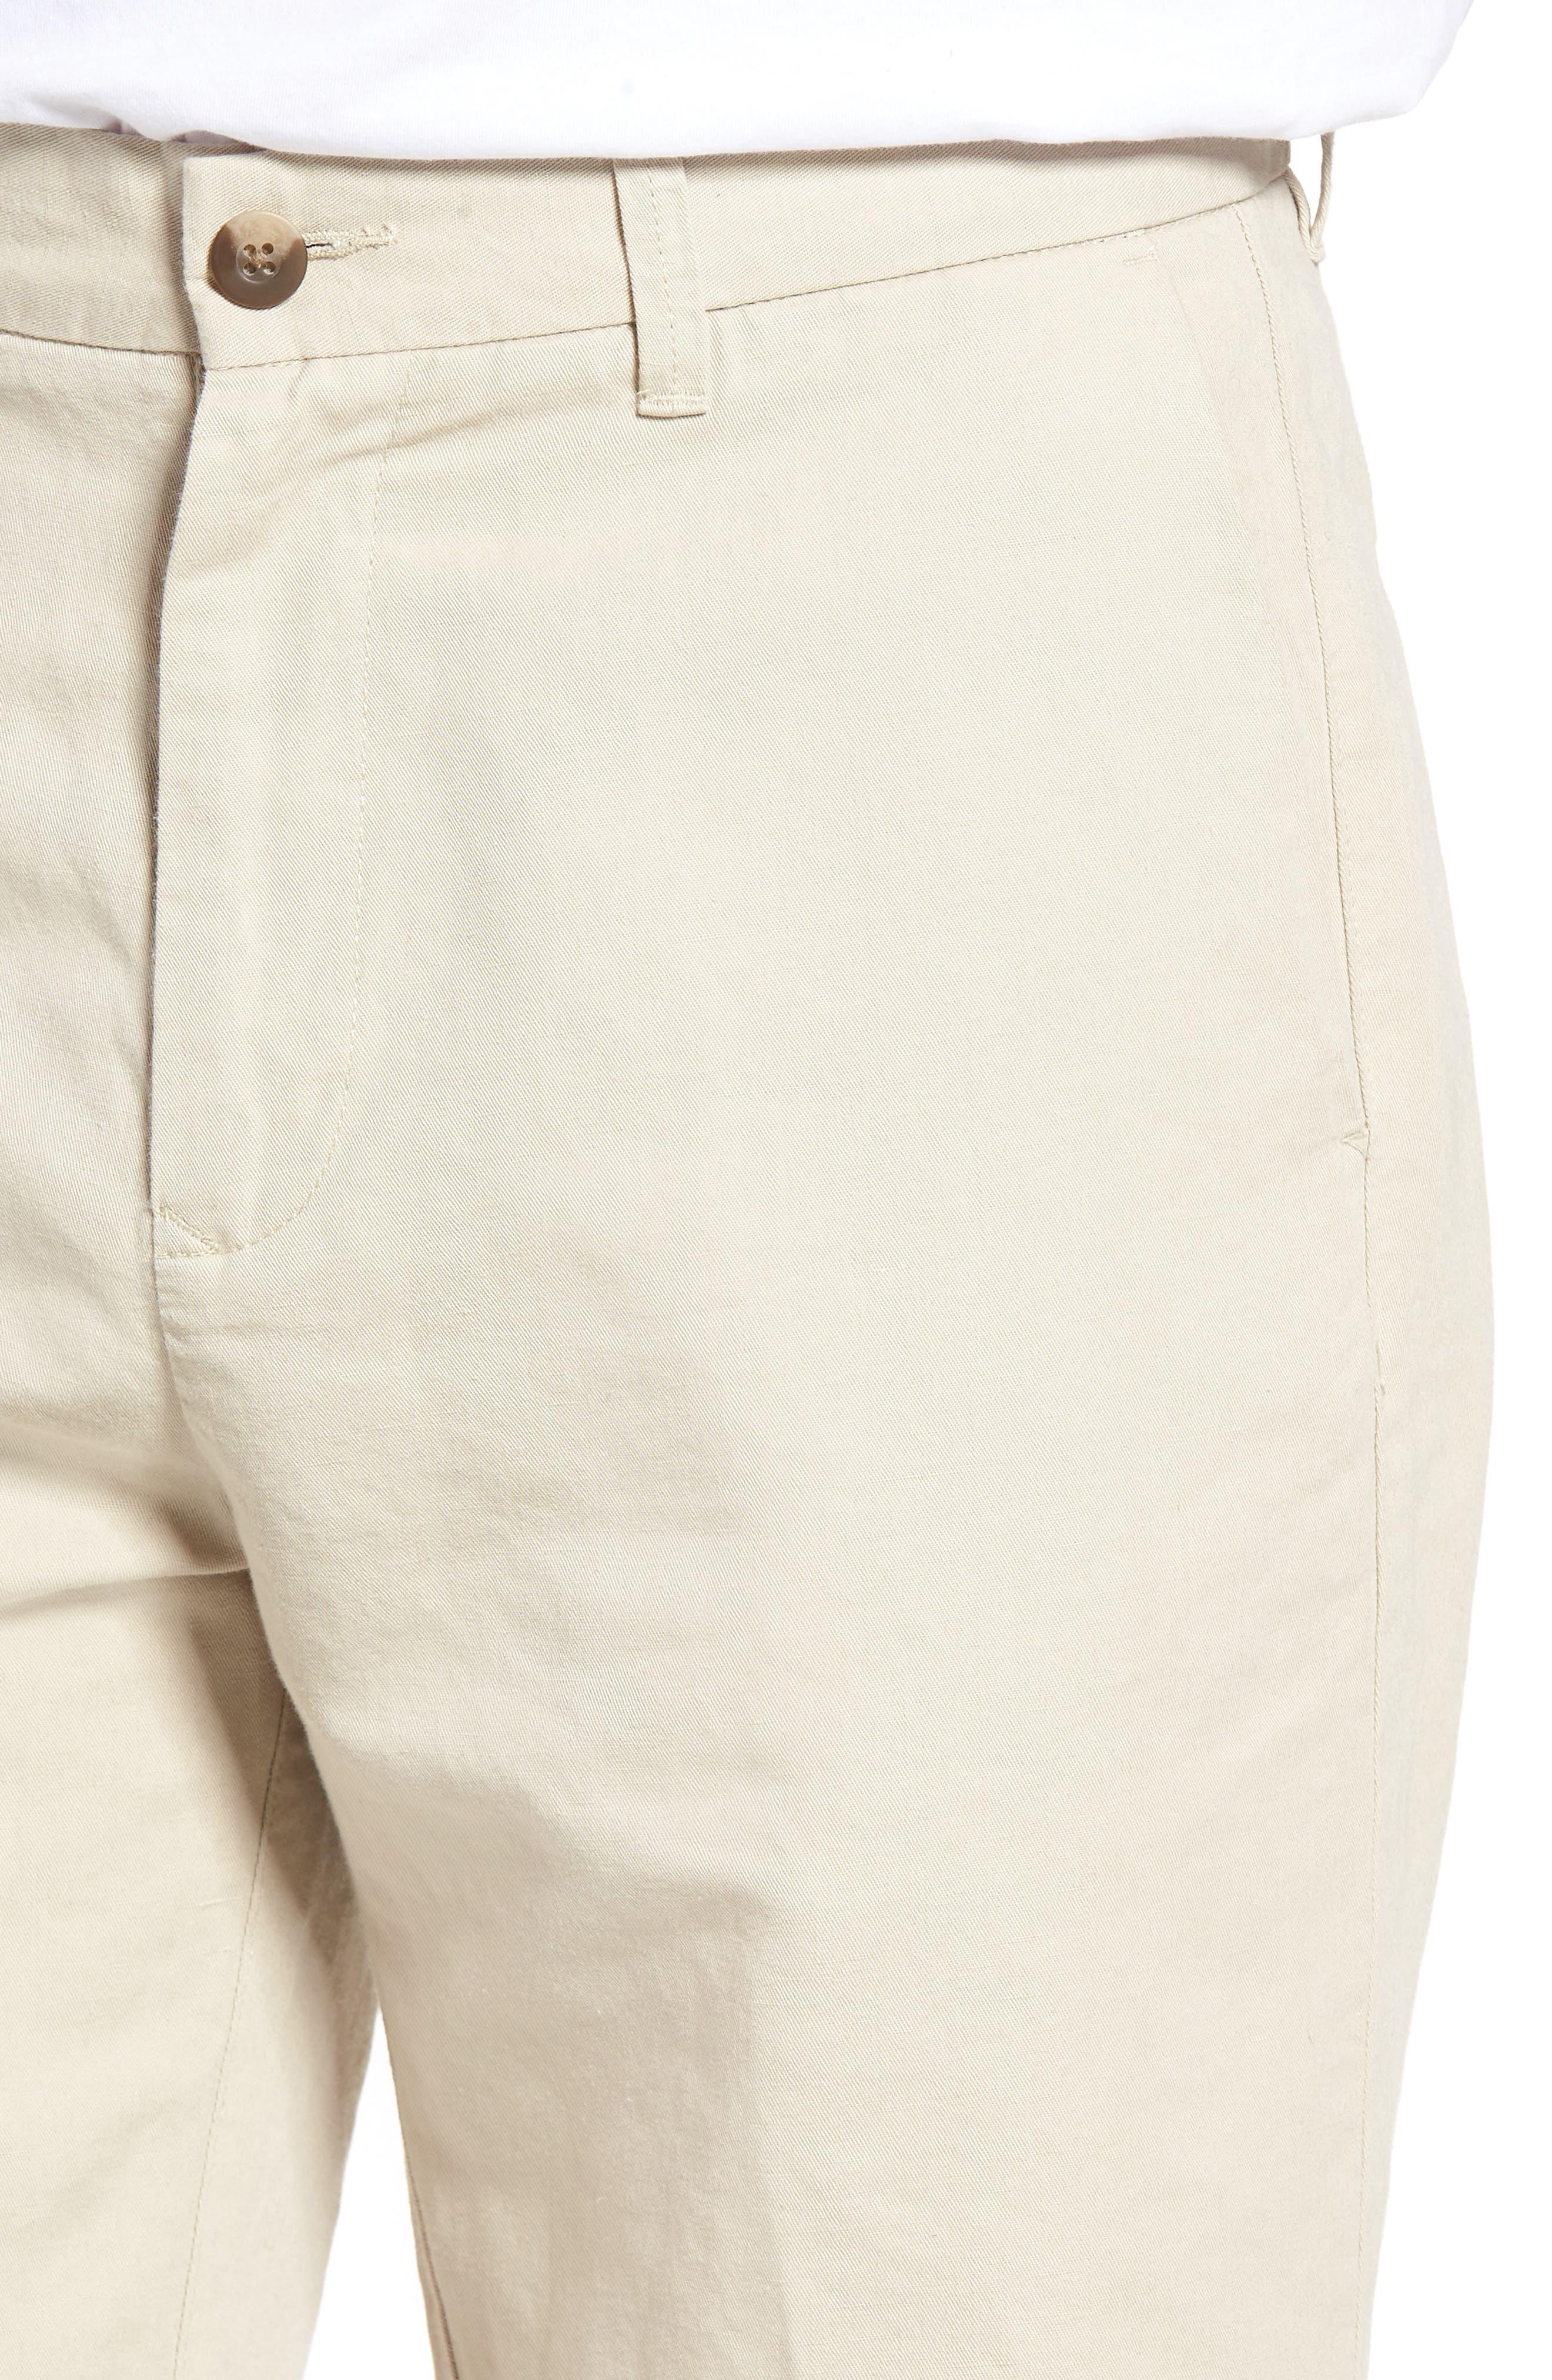 Rolleston Shorts,                             Alternate thumbnail 4, color,                             253